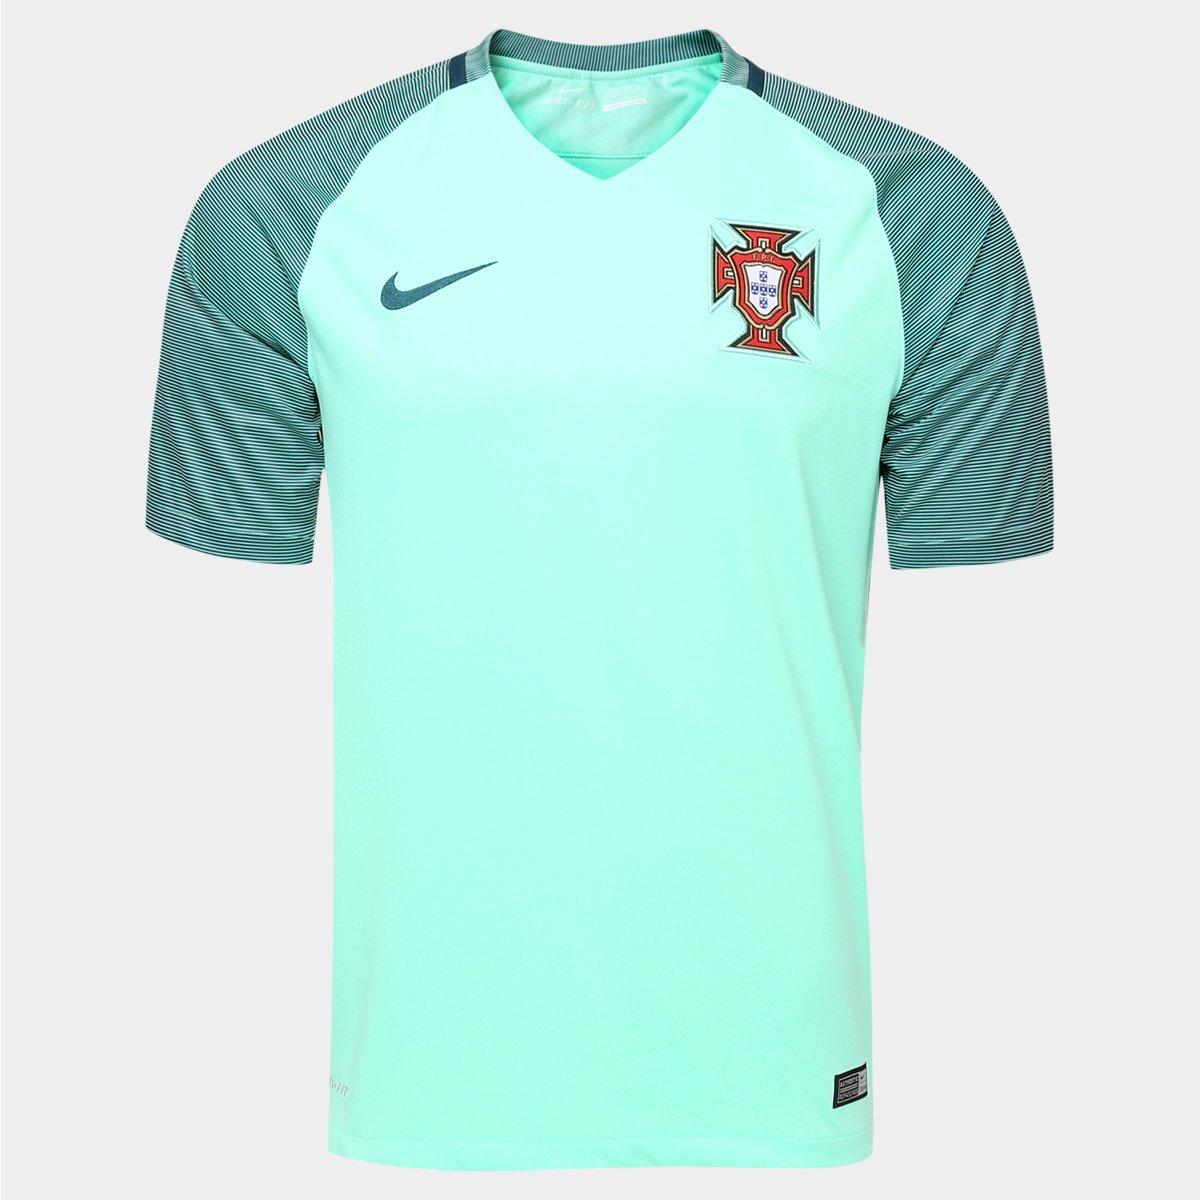 Camisa Nike Seleção Portugal Away 2016 s nº - Compre Agora  e123ba7039d61